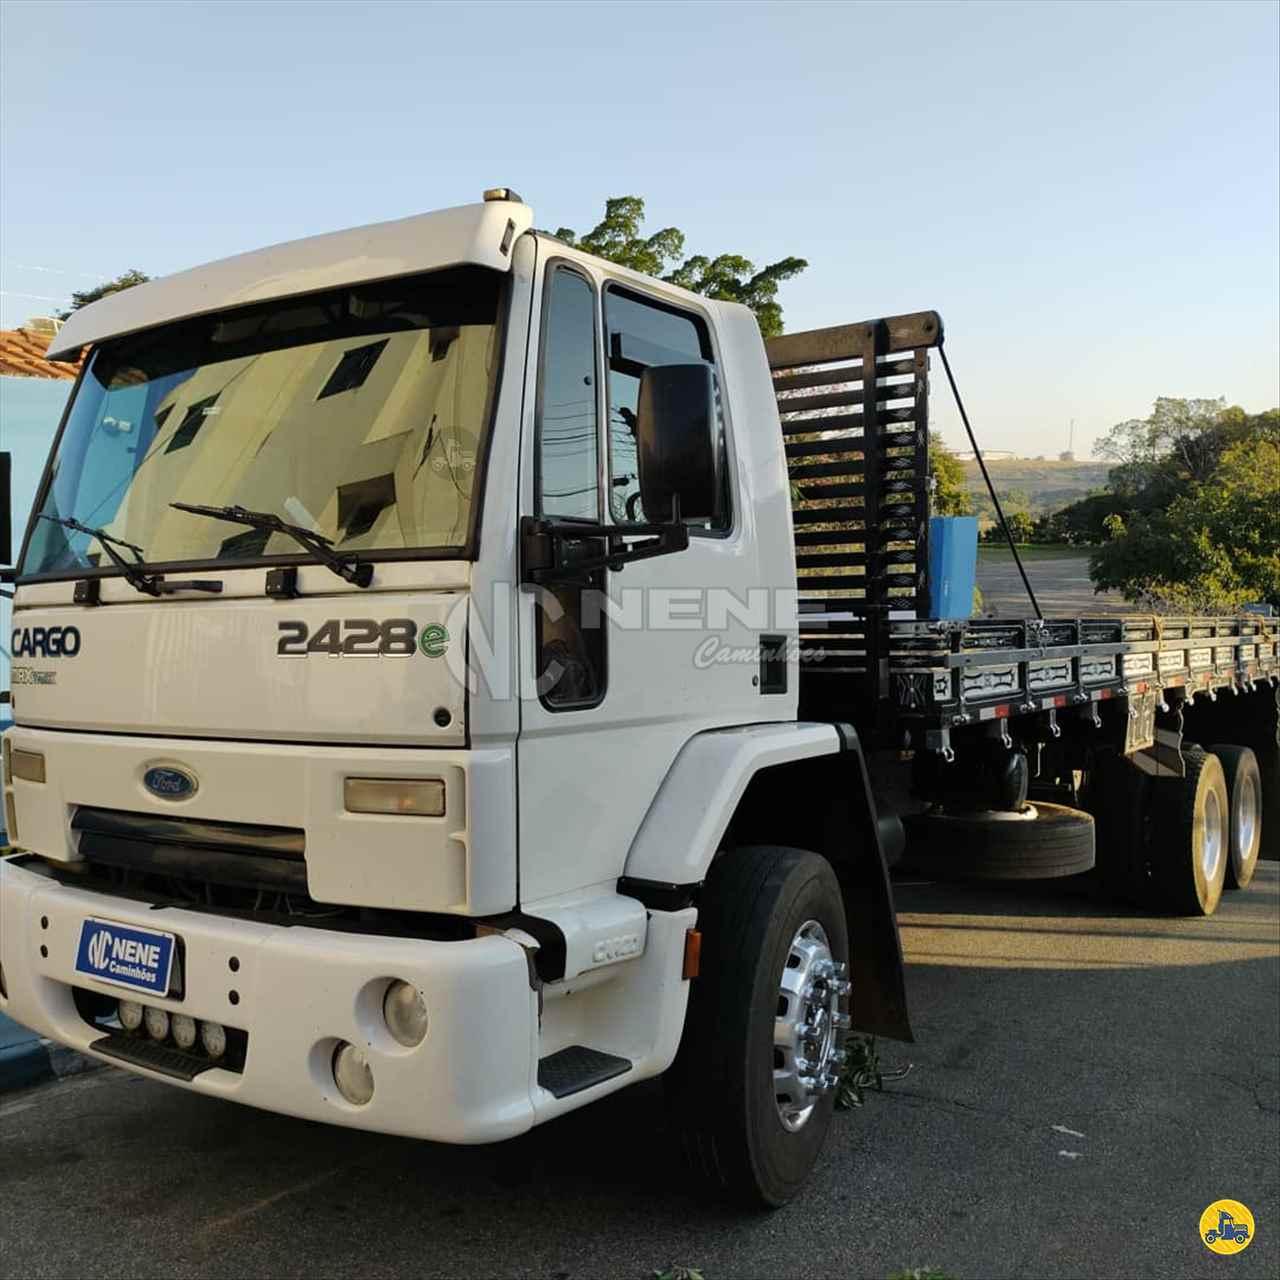 CAMINHAO FORD CARGO 2428 Carga Seca Truck 6x2 Nene Caminhões SAO JOAO DA BOA VISTA SÃO PAULO SP